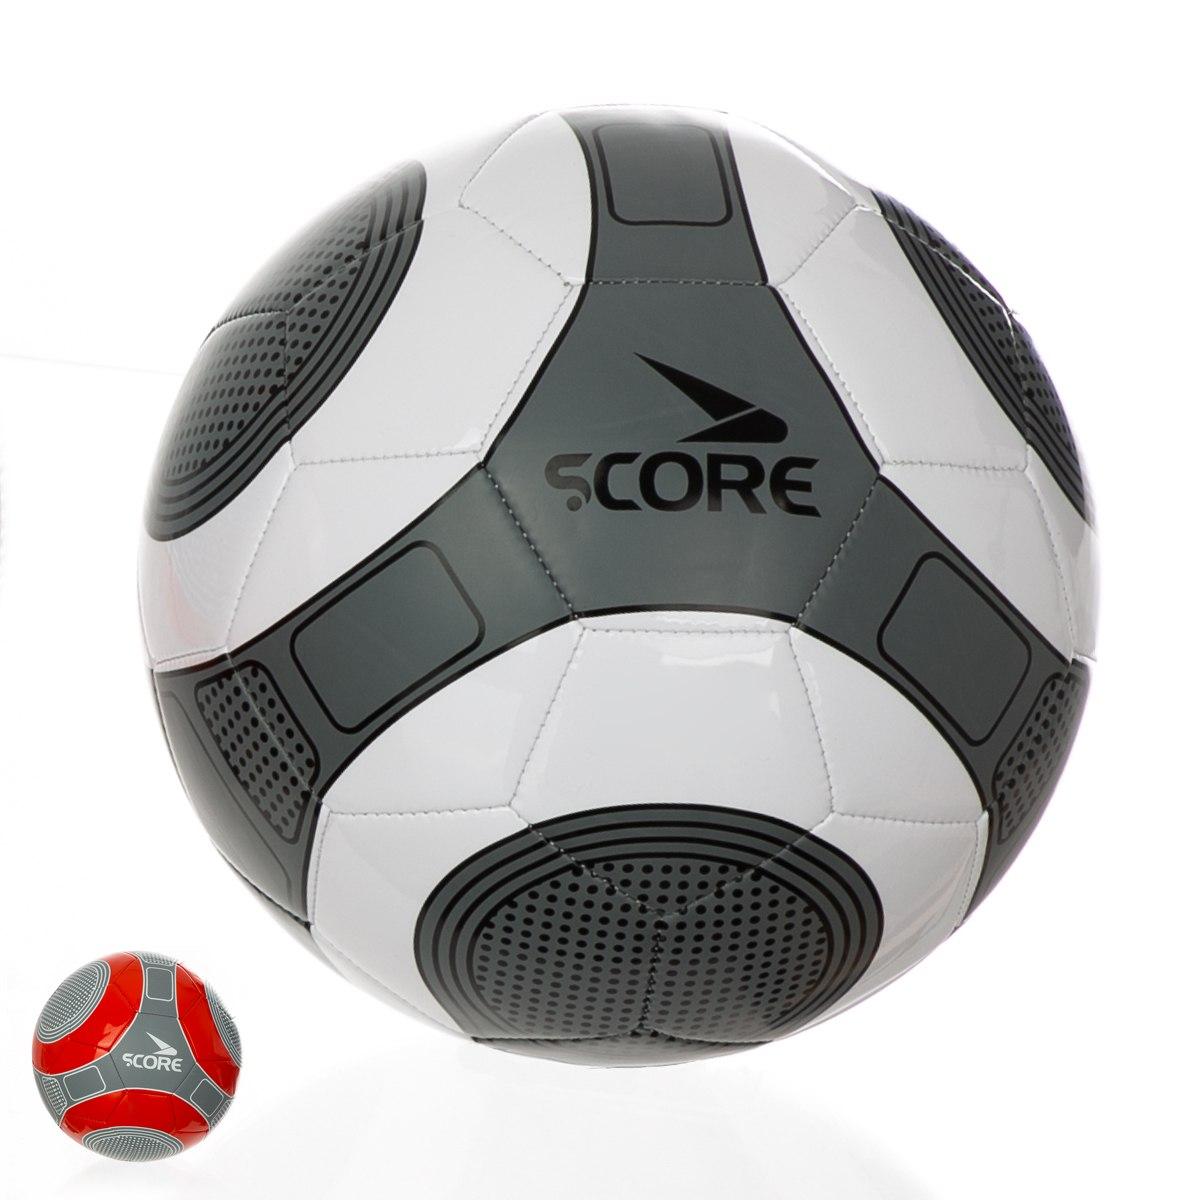 כדורגל פס רגל SCORE מידה 5